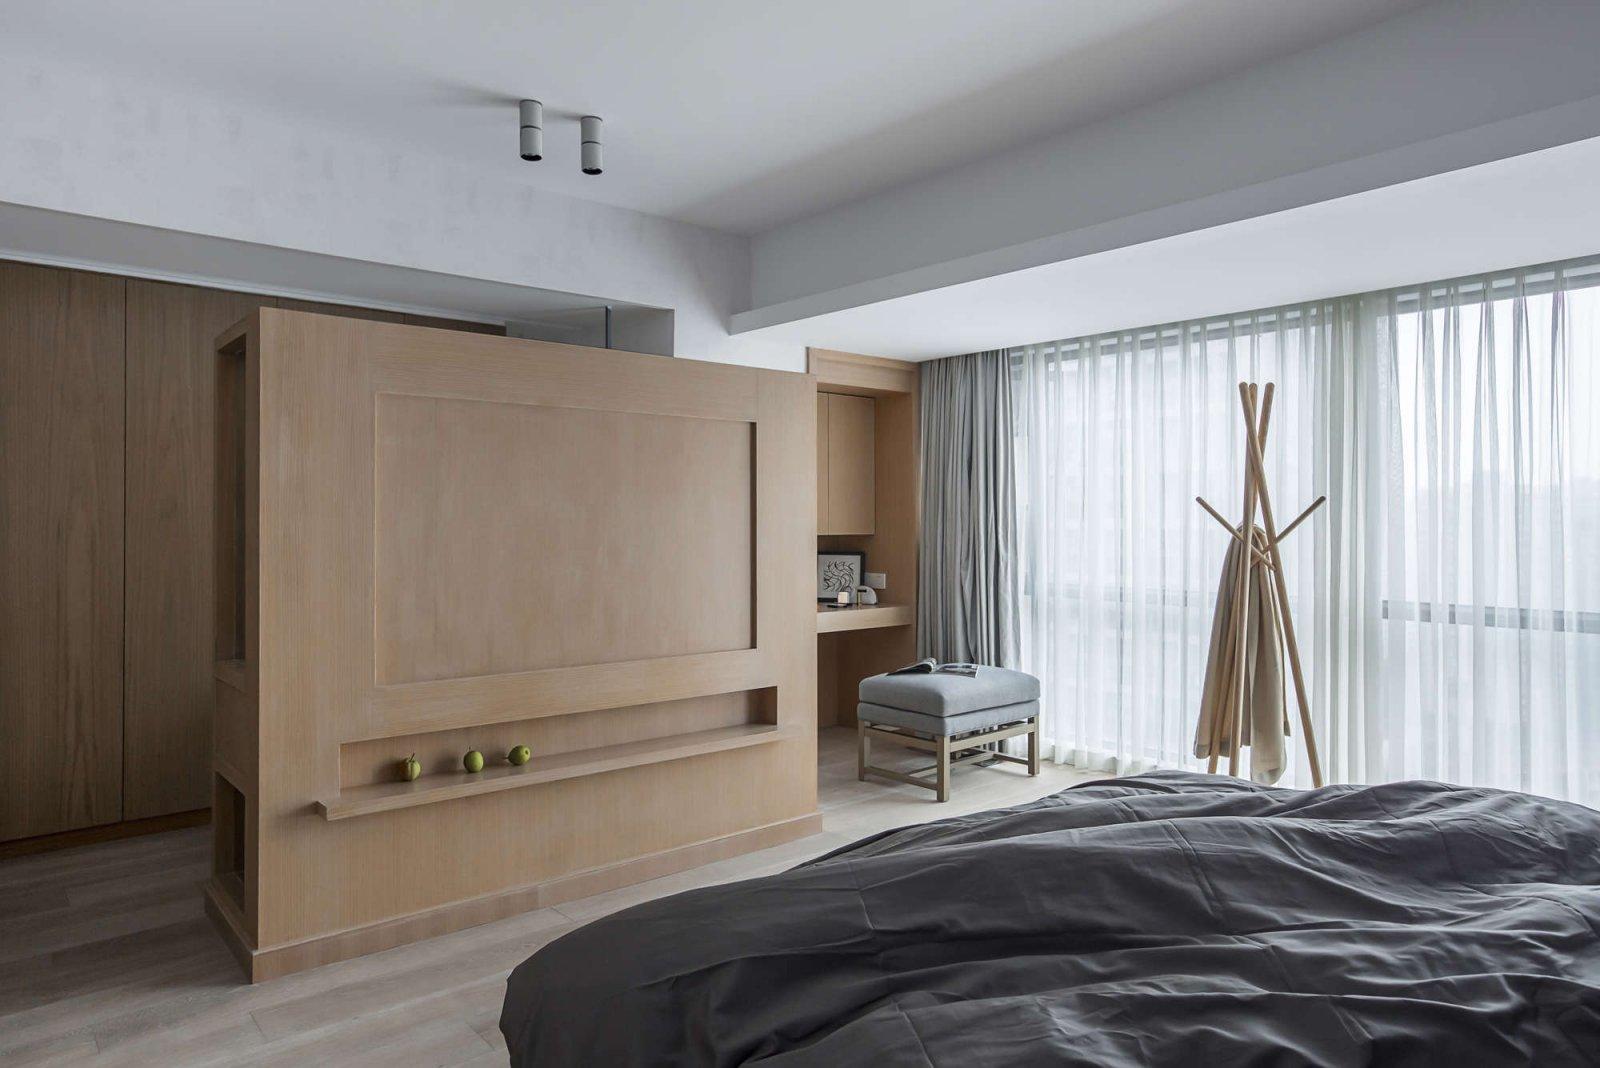 现代简约风格卧室隔断装修效果图